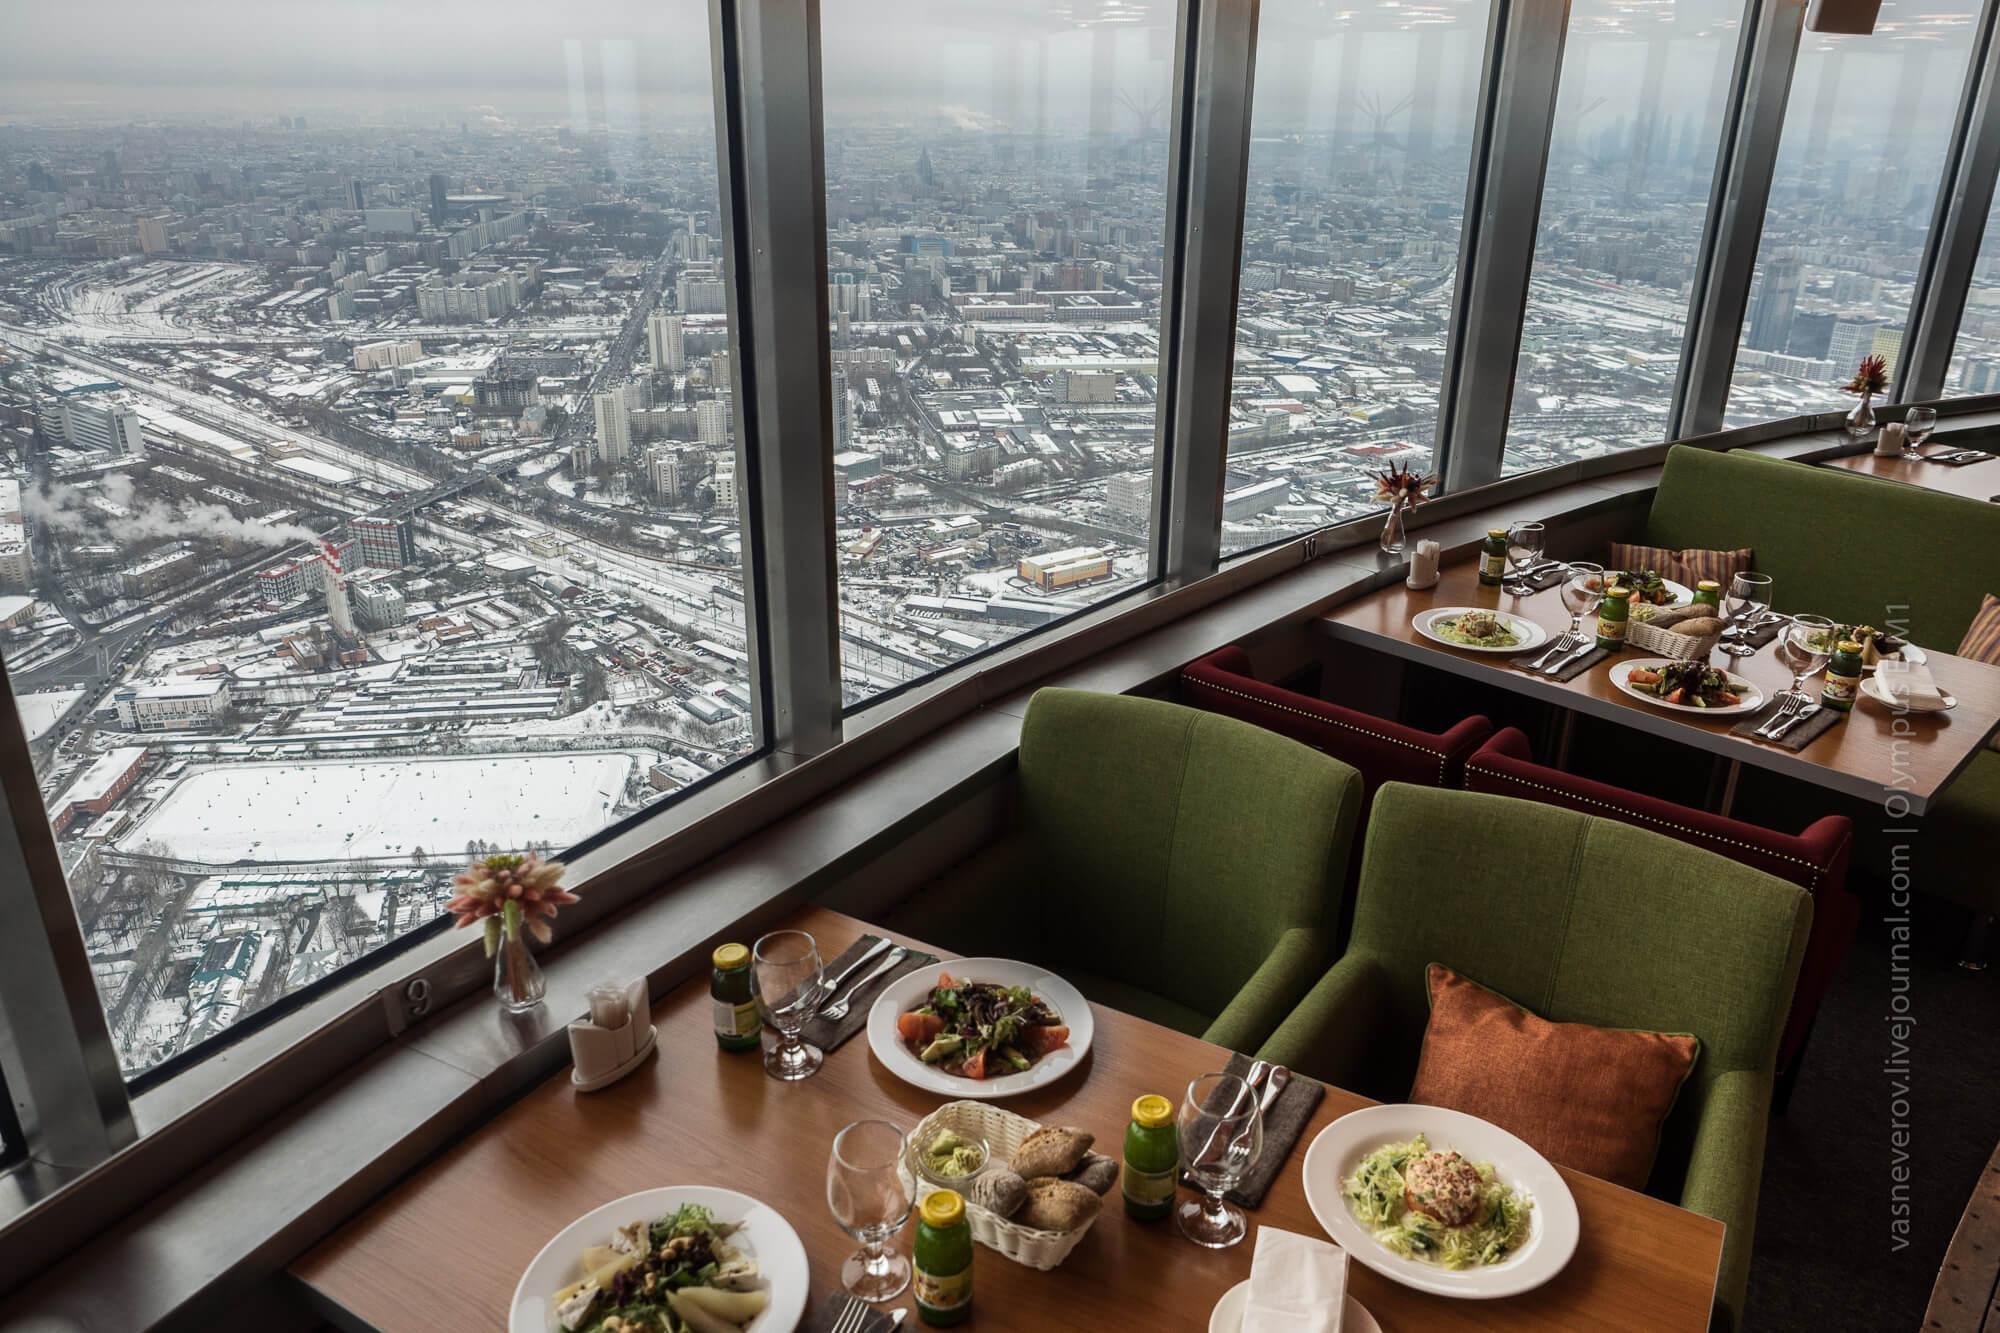 nhà hàng view đẹp ở moscow